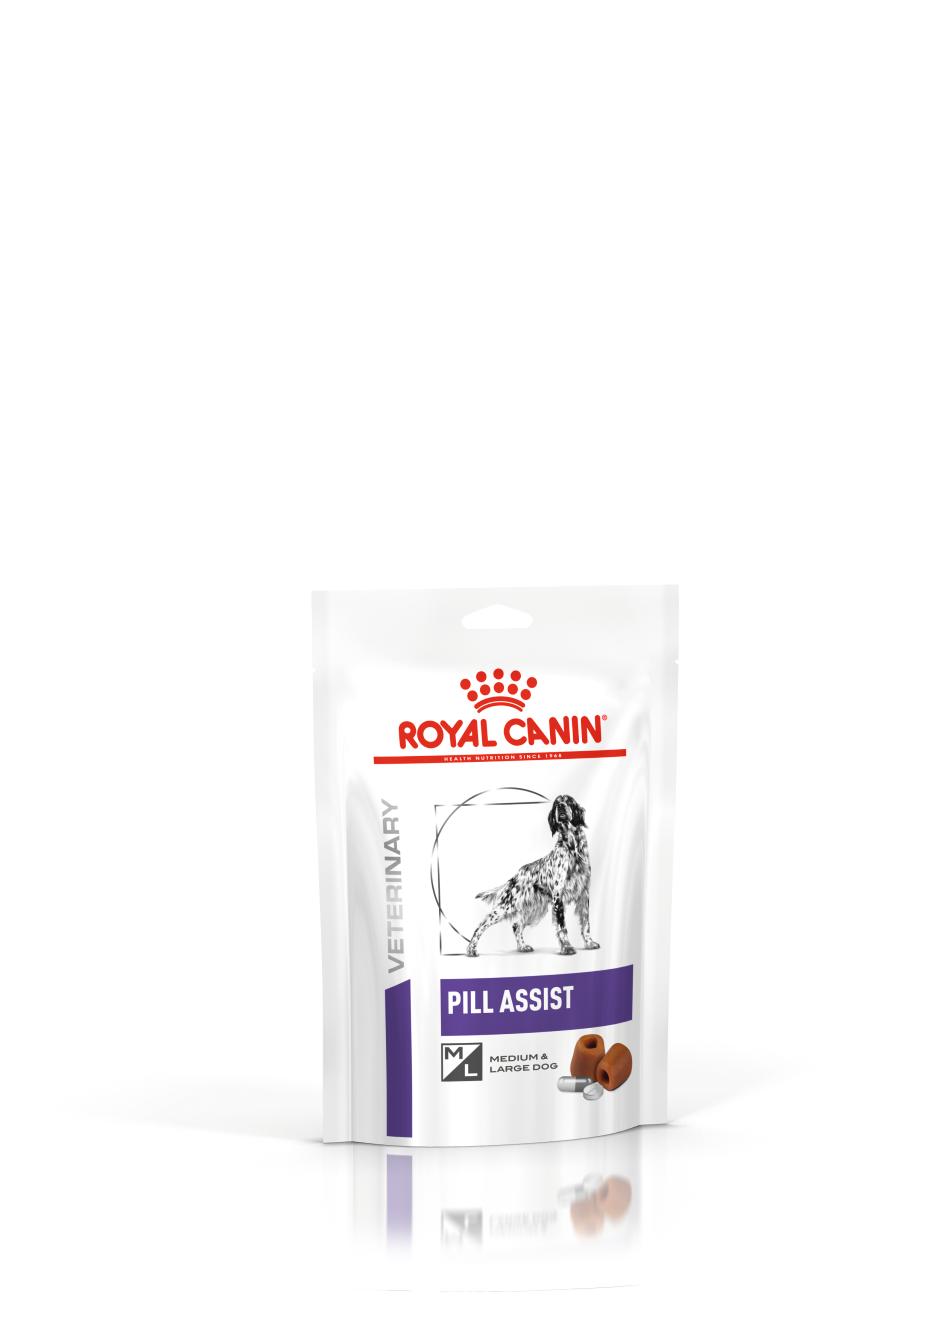 Veterinary Diets Pill Assist Medium/Large Dog